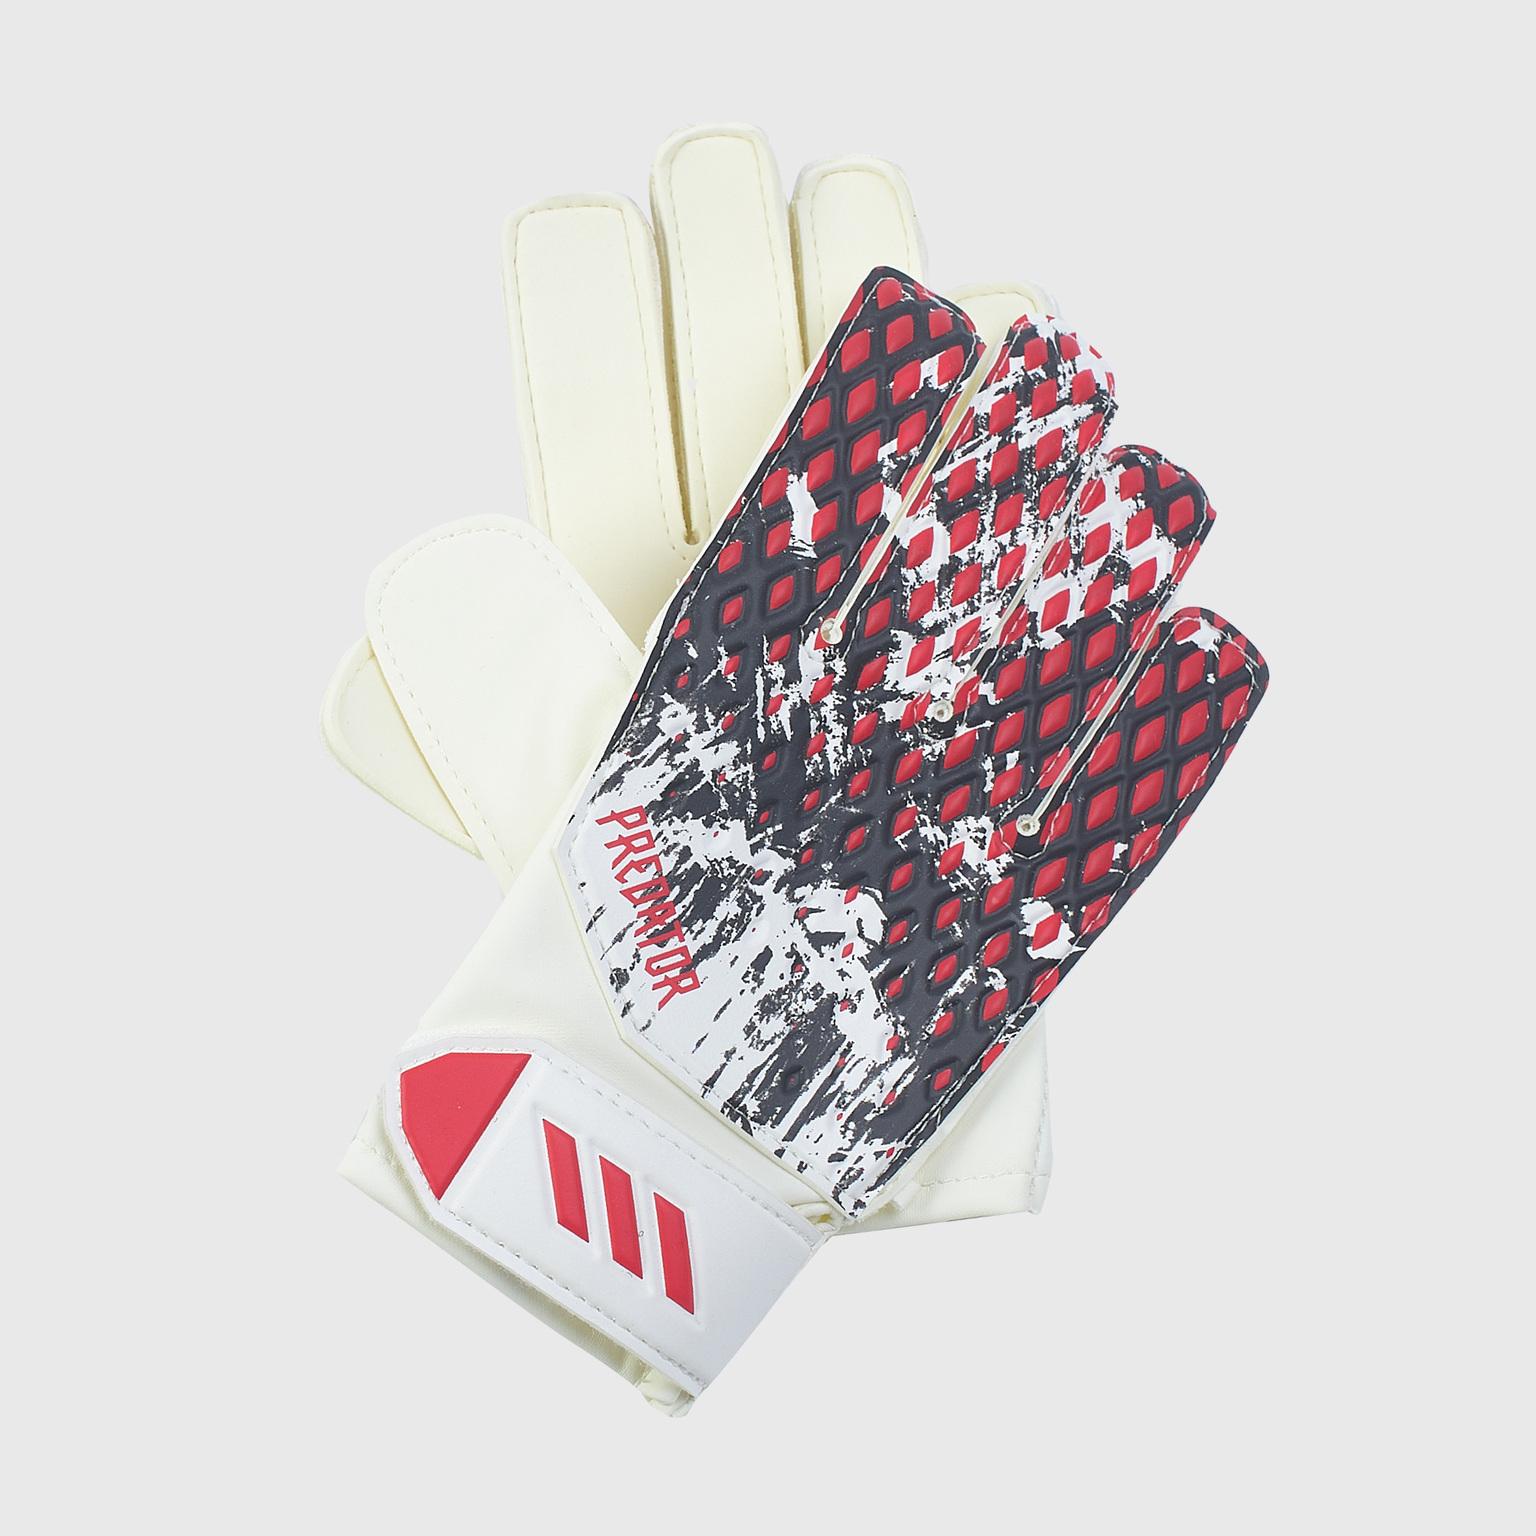 Перчатки вратарские детские Adidas Predator Training Manuel Neuer FR8372